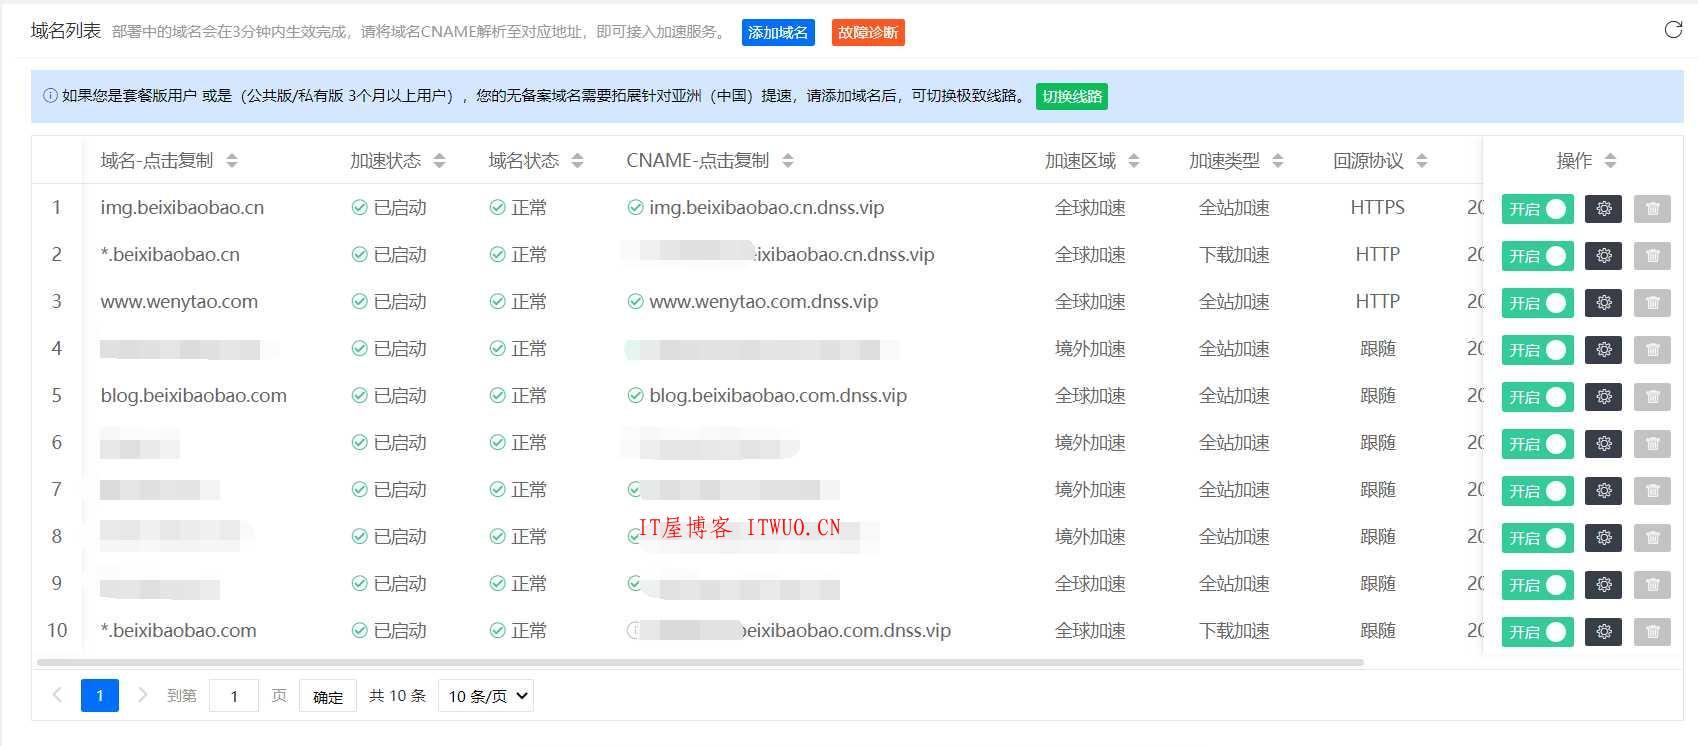 近期,腾讯云CDN团队发现部分域名出现非正常的业务访问,造成了较大的流量和带宽消耗,同时产生了远超平时的高额账单。建议您关注此类情况的 应对措施,避免潜在风险。 防盗链配置 分布式 DDoS 清洗 CC 自适应识别 智能 WAF 防护 BOT 行为分析 IP 黑白名单配置 访问限频配置 带宽封顶配置 CDN 带宽 VIP 第4张